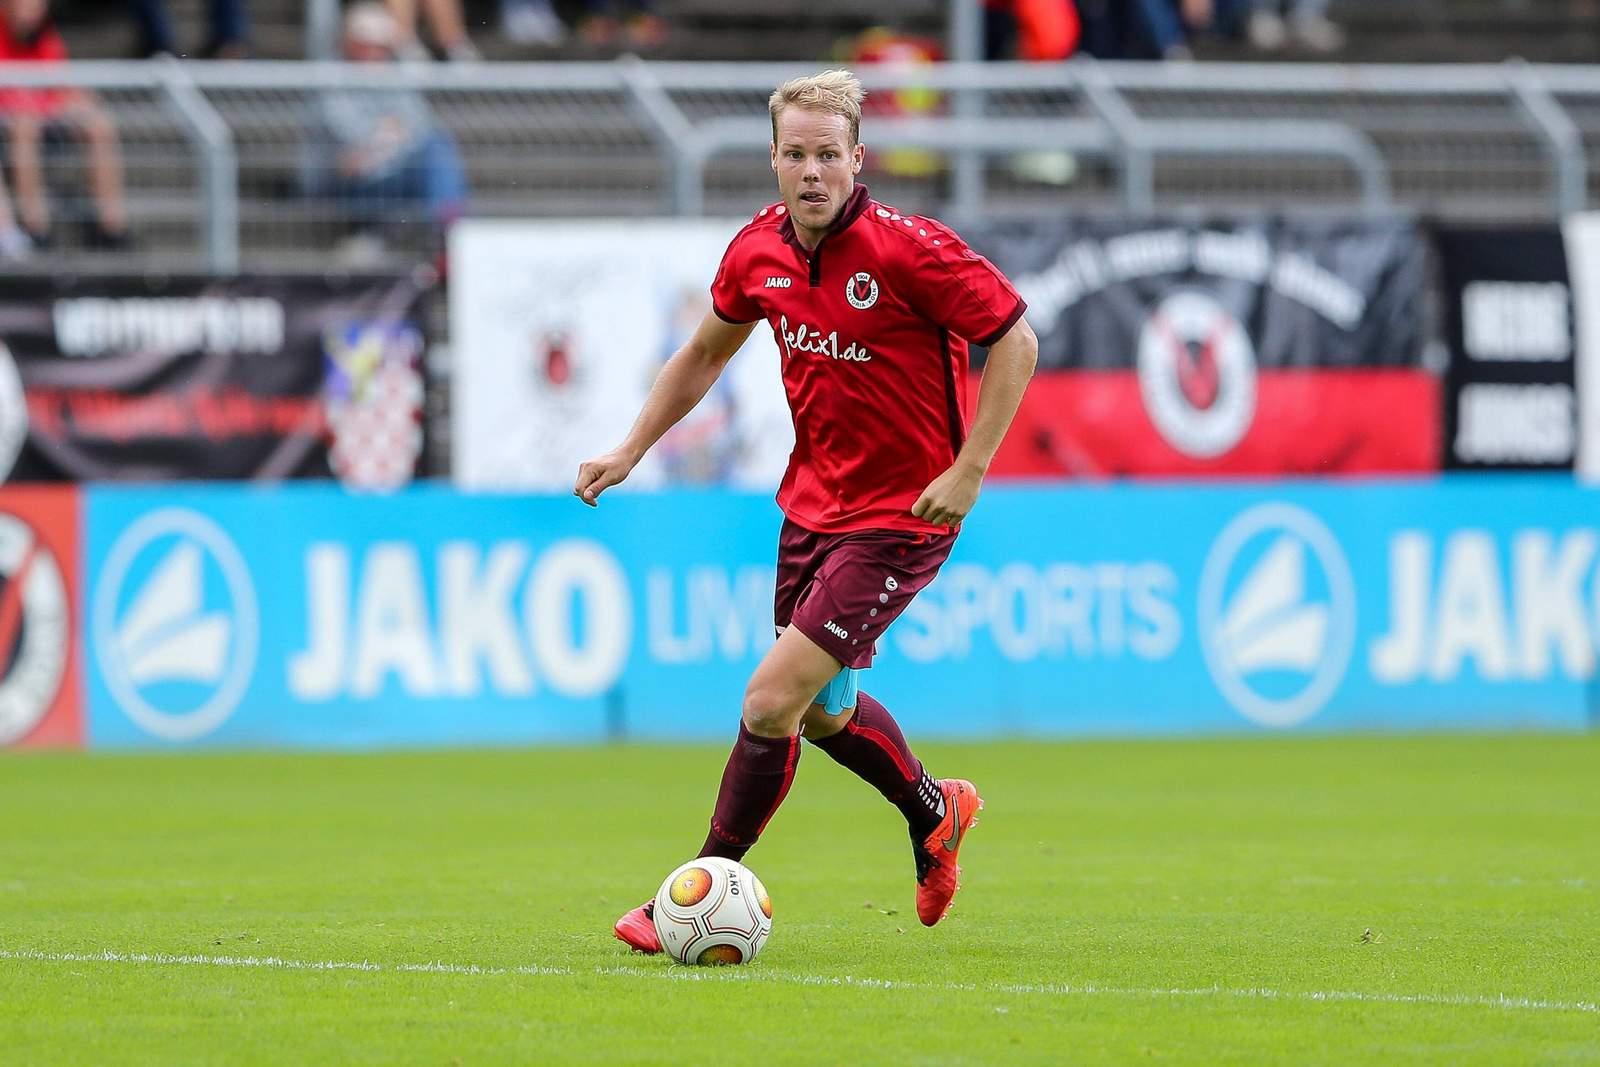 Lukas Nottbeck im Spiel gegen Mönchengladbach II.